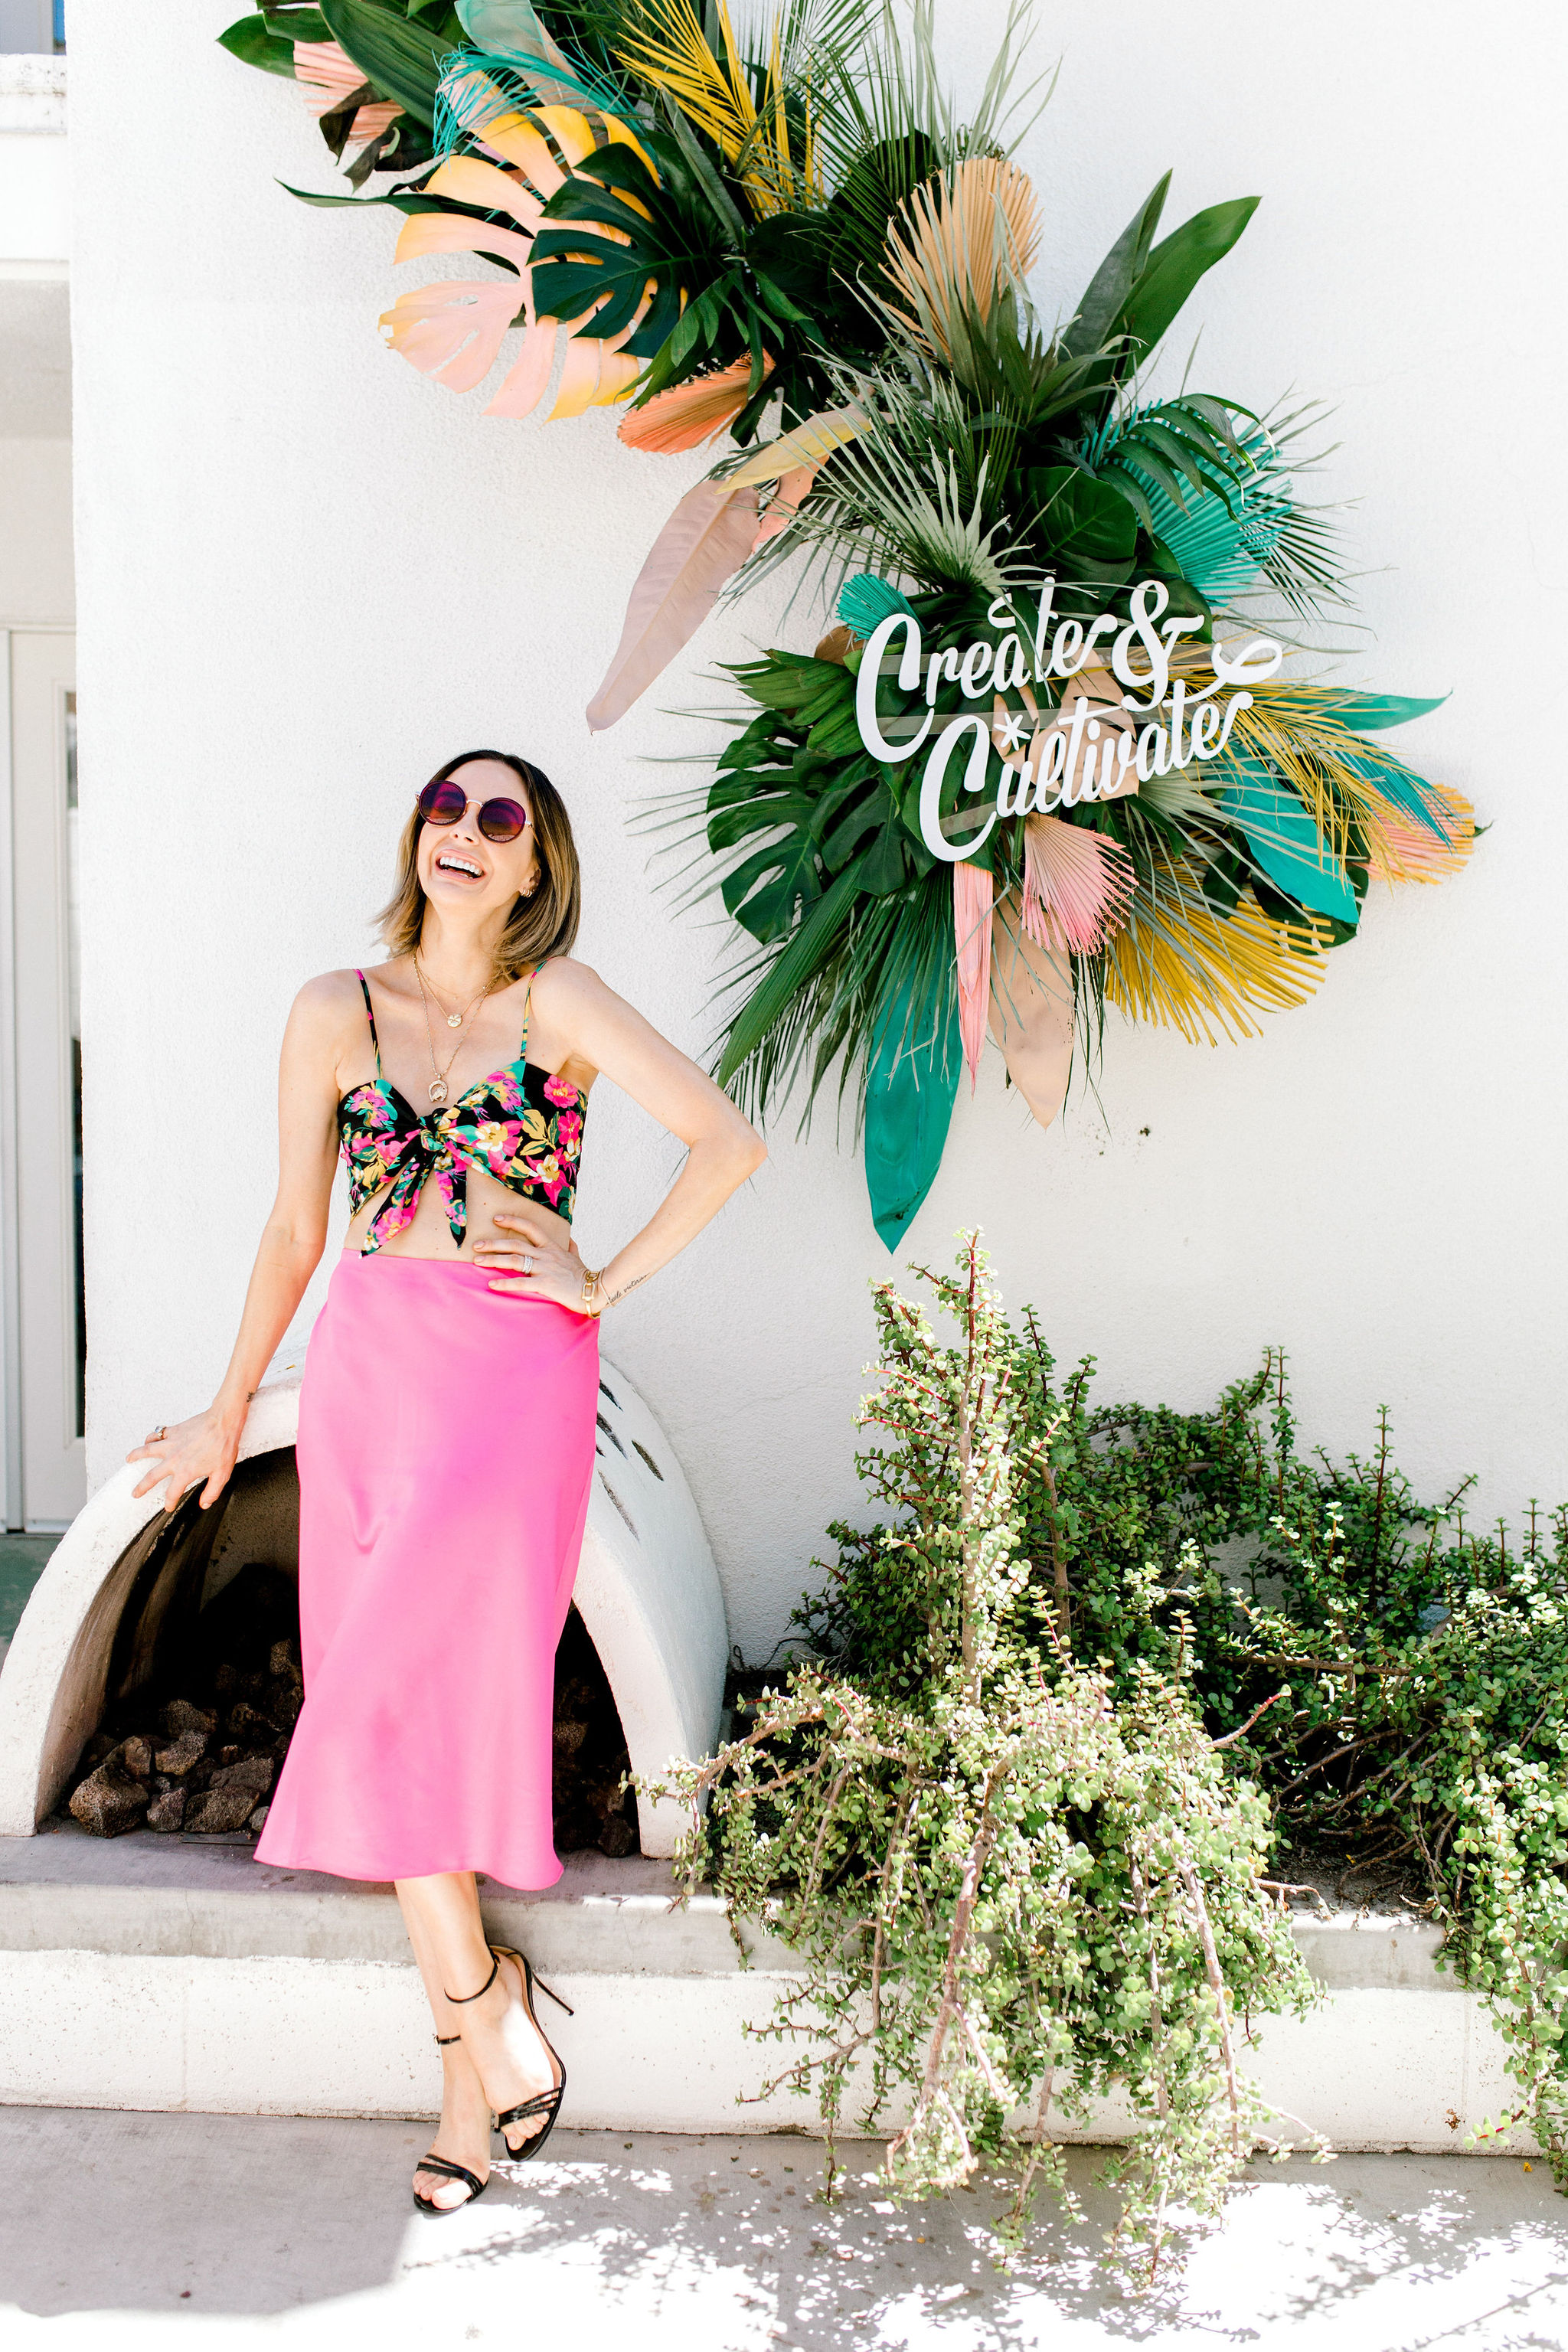 AngelicaMariePhotography_www.angelicamariephotography.com_CreateandCultivateDesertPopUp_460.JPG